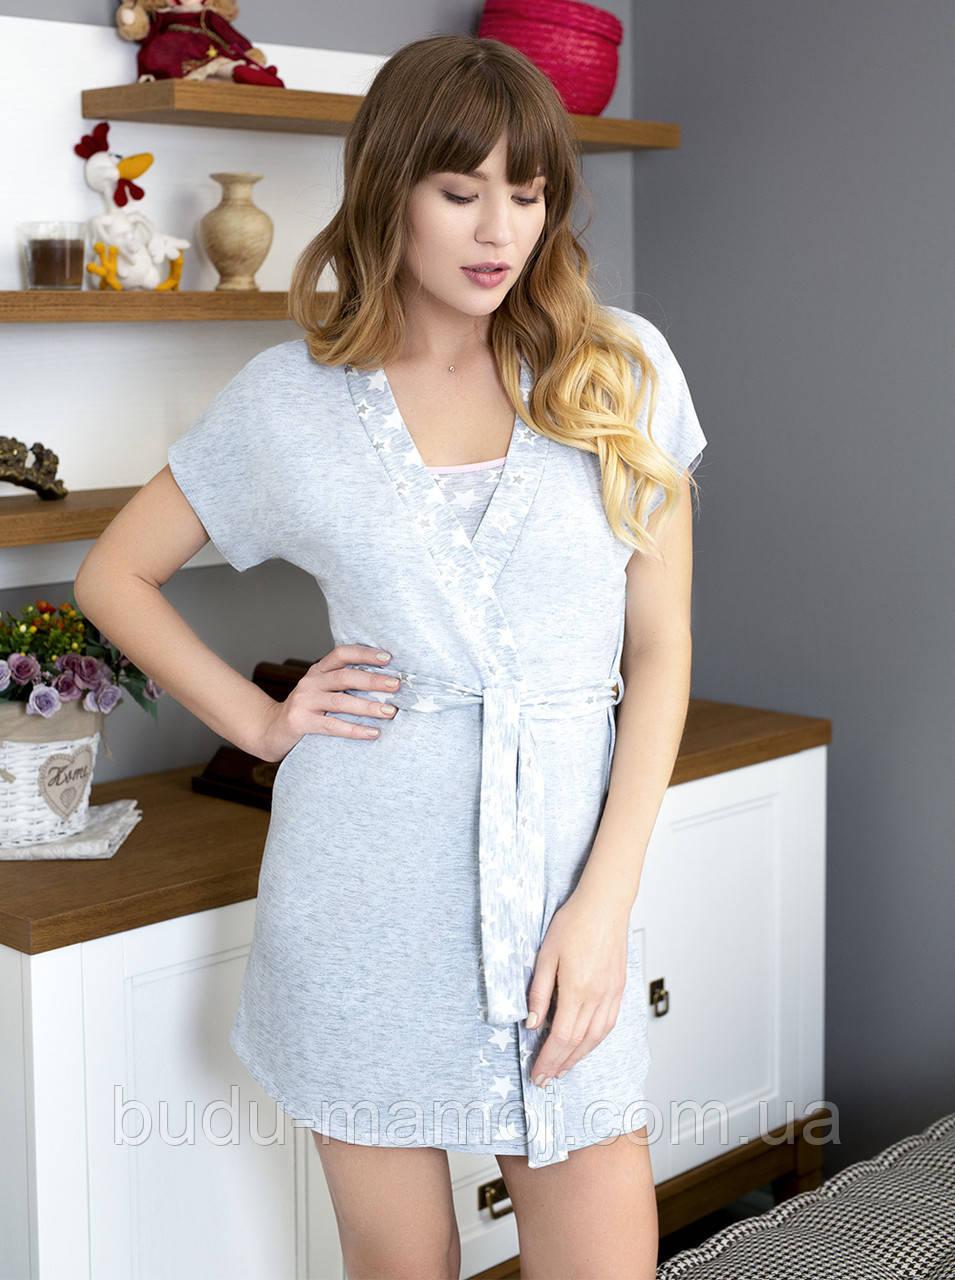 Женский халат Супер качество Очень красивый